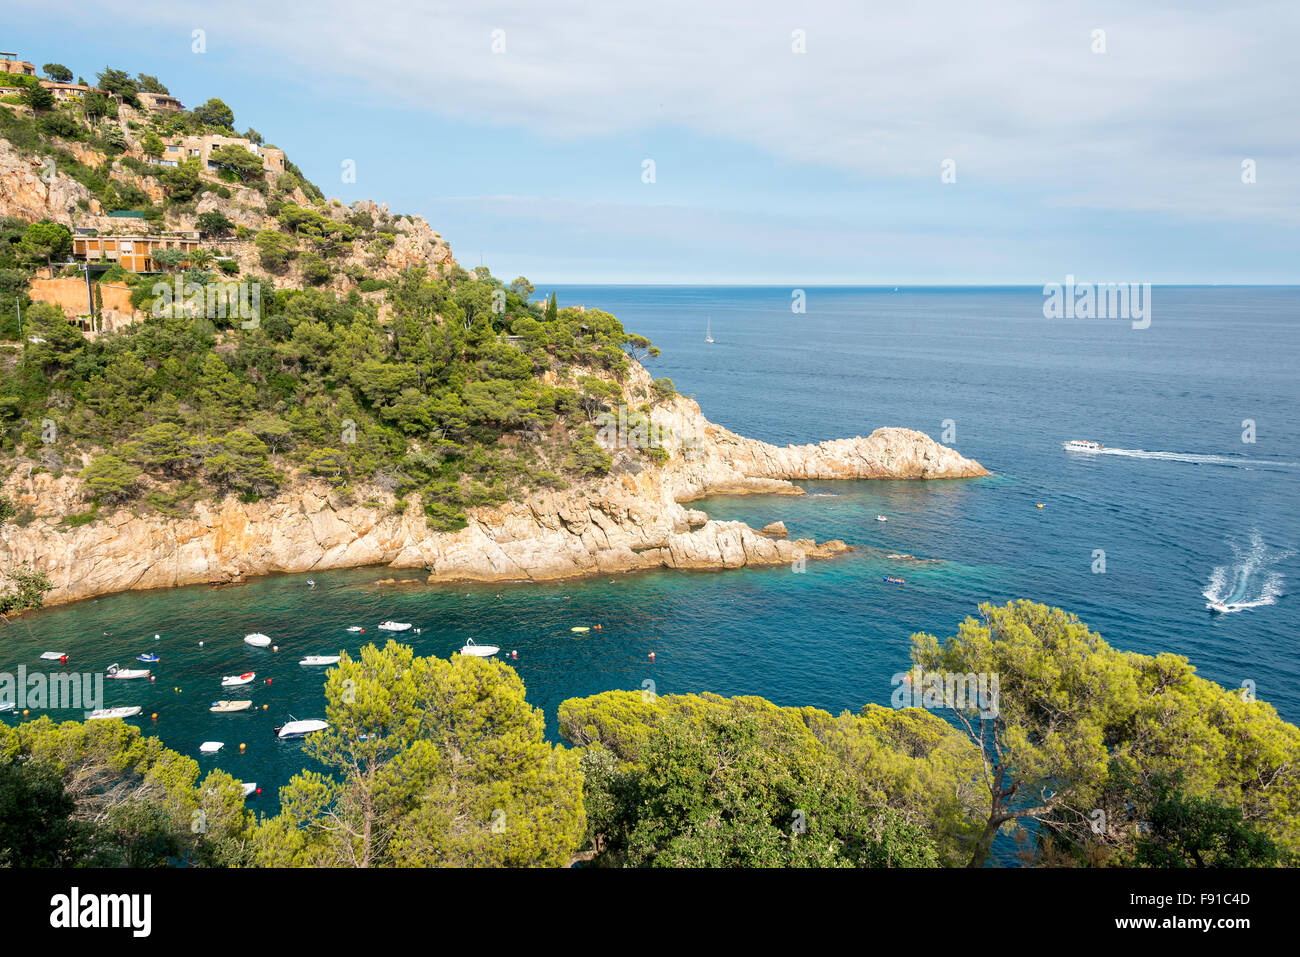 Küsten-Ansicht in der Nähe von Tossa de Mar, Costa Brava, Provinz Girona, Katalonien, Spanien Stockbild